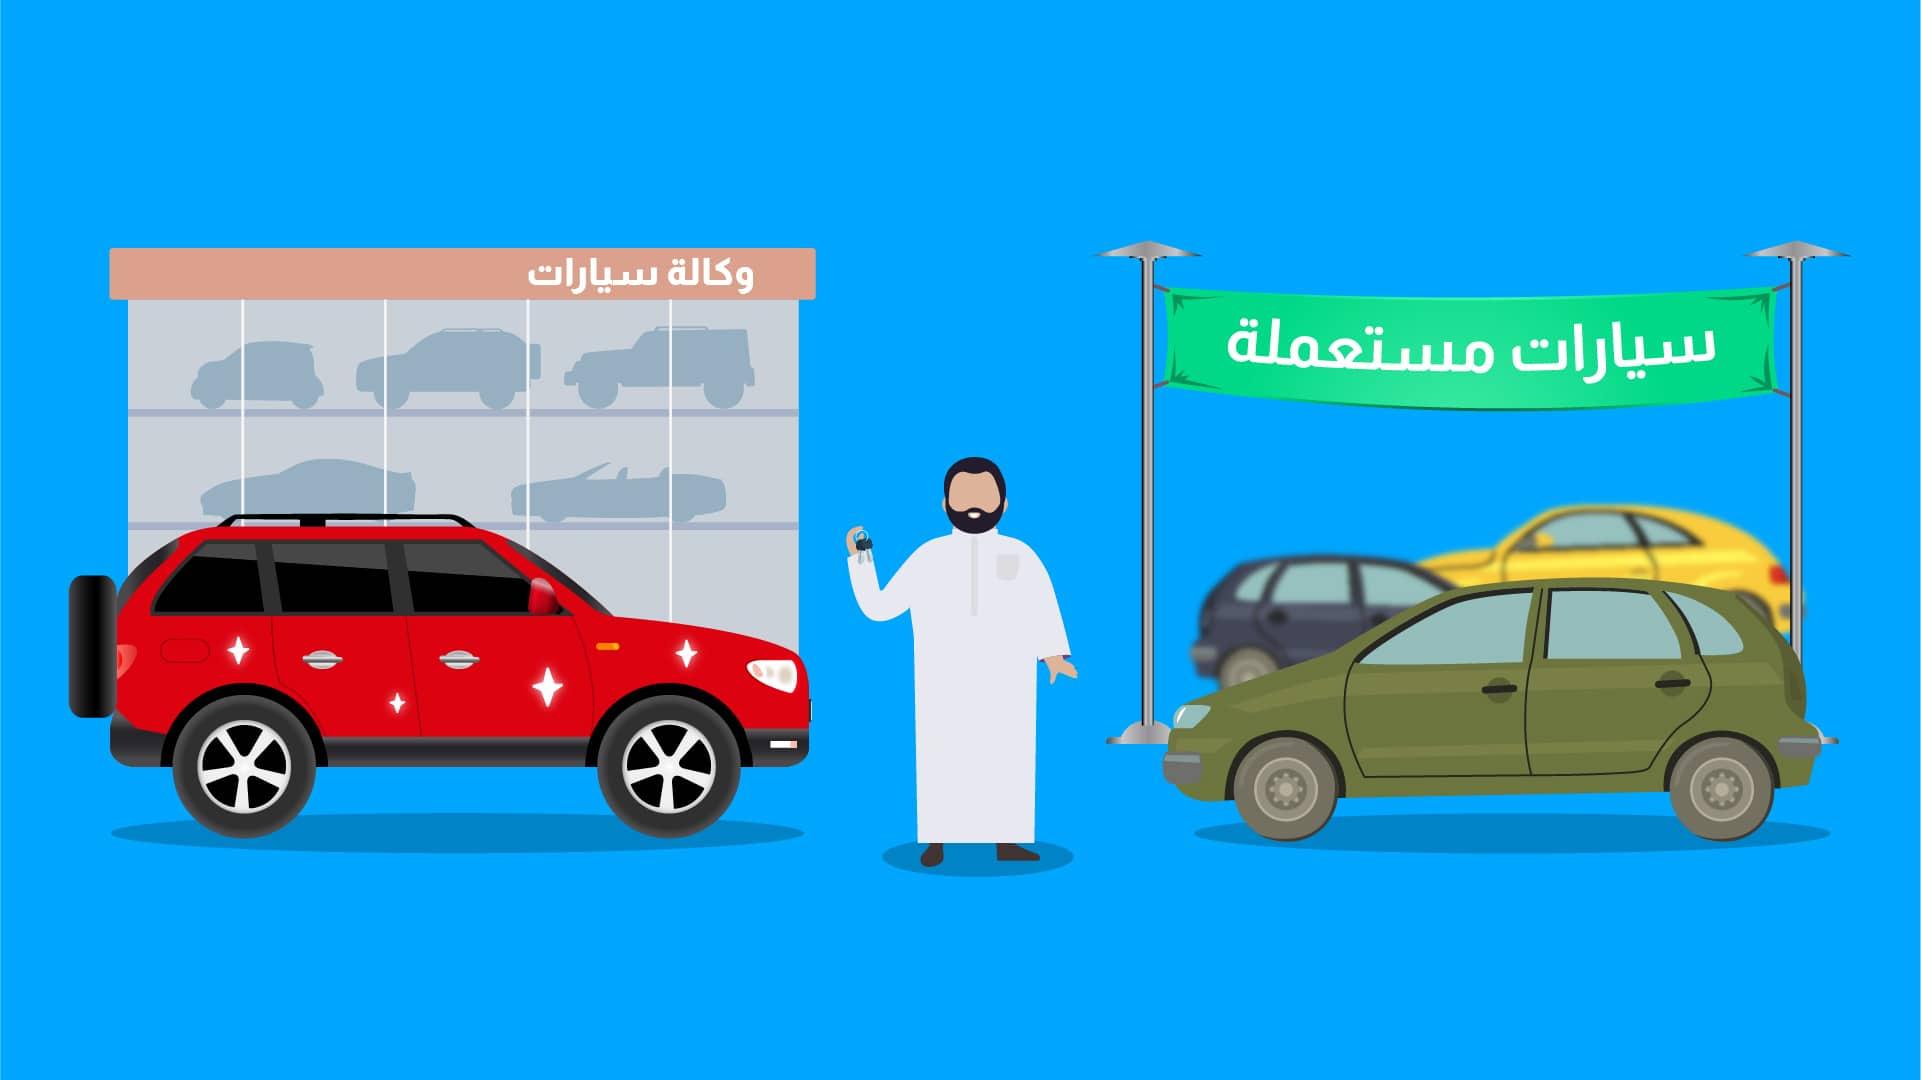 ما نوع التأمين الذي تحتاجه لسيارة جديدة؟